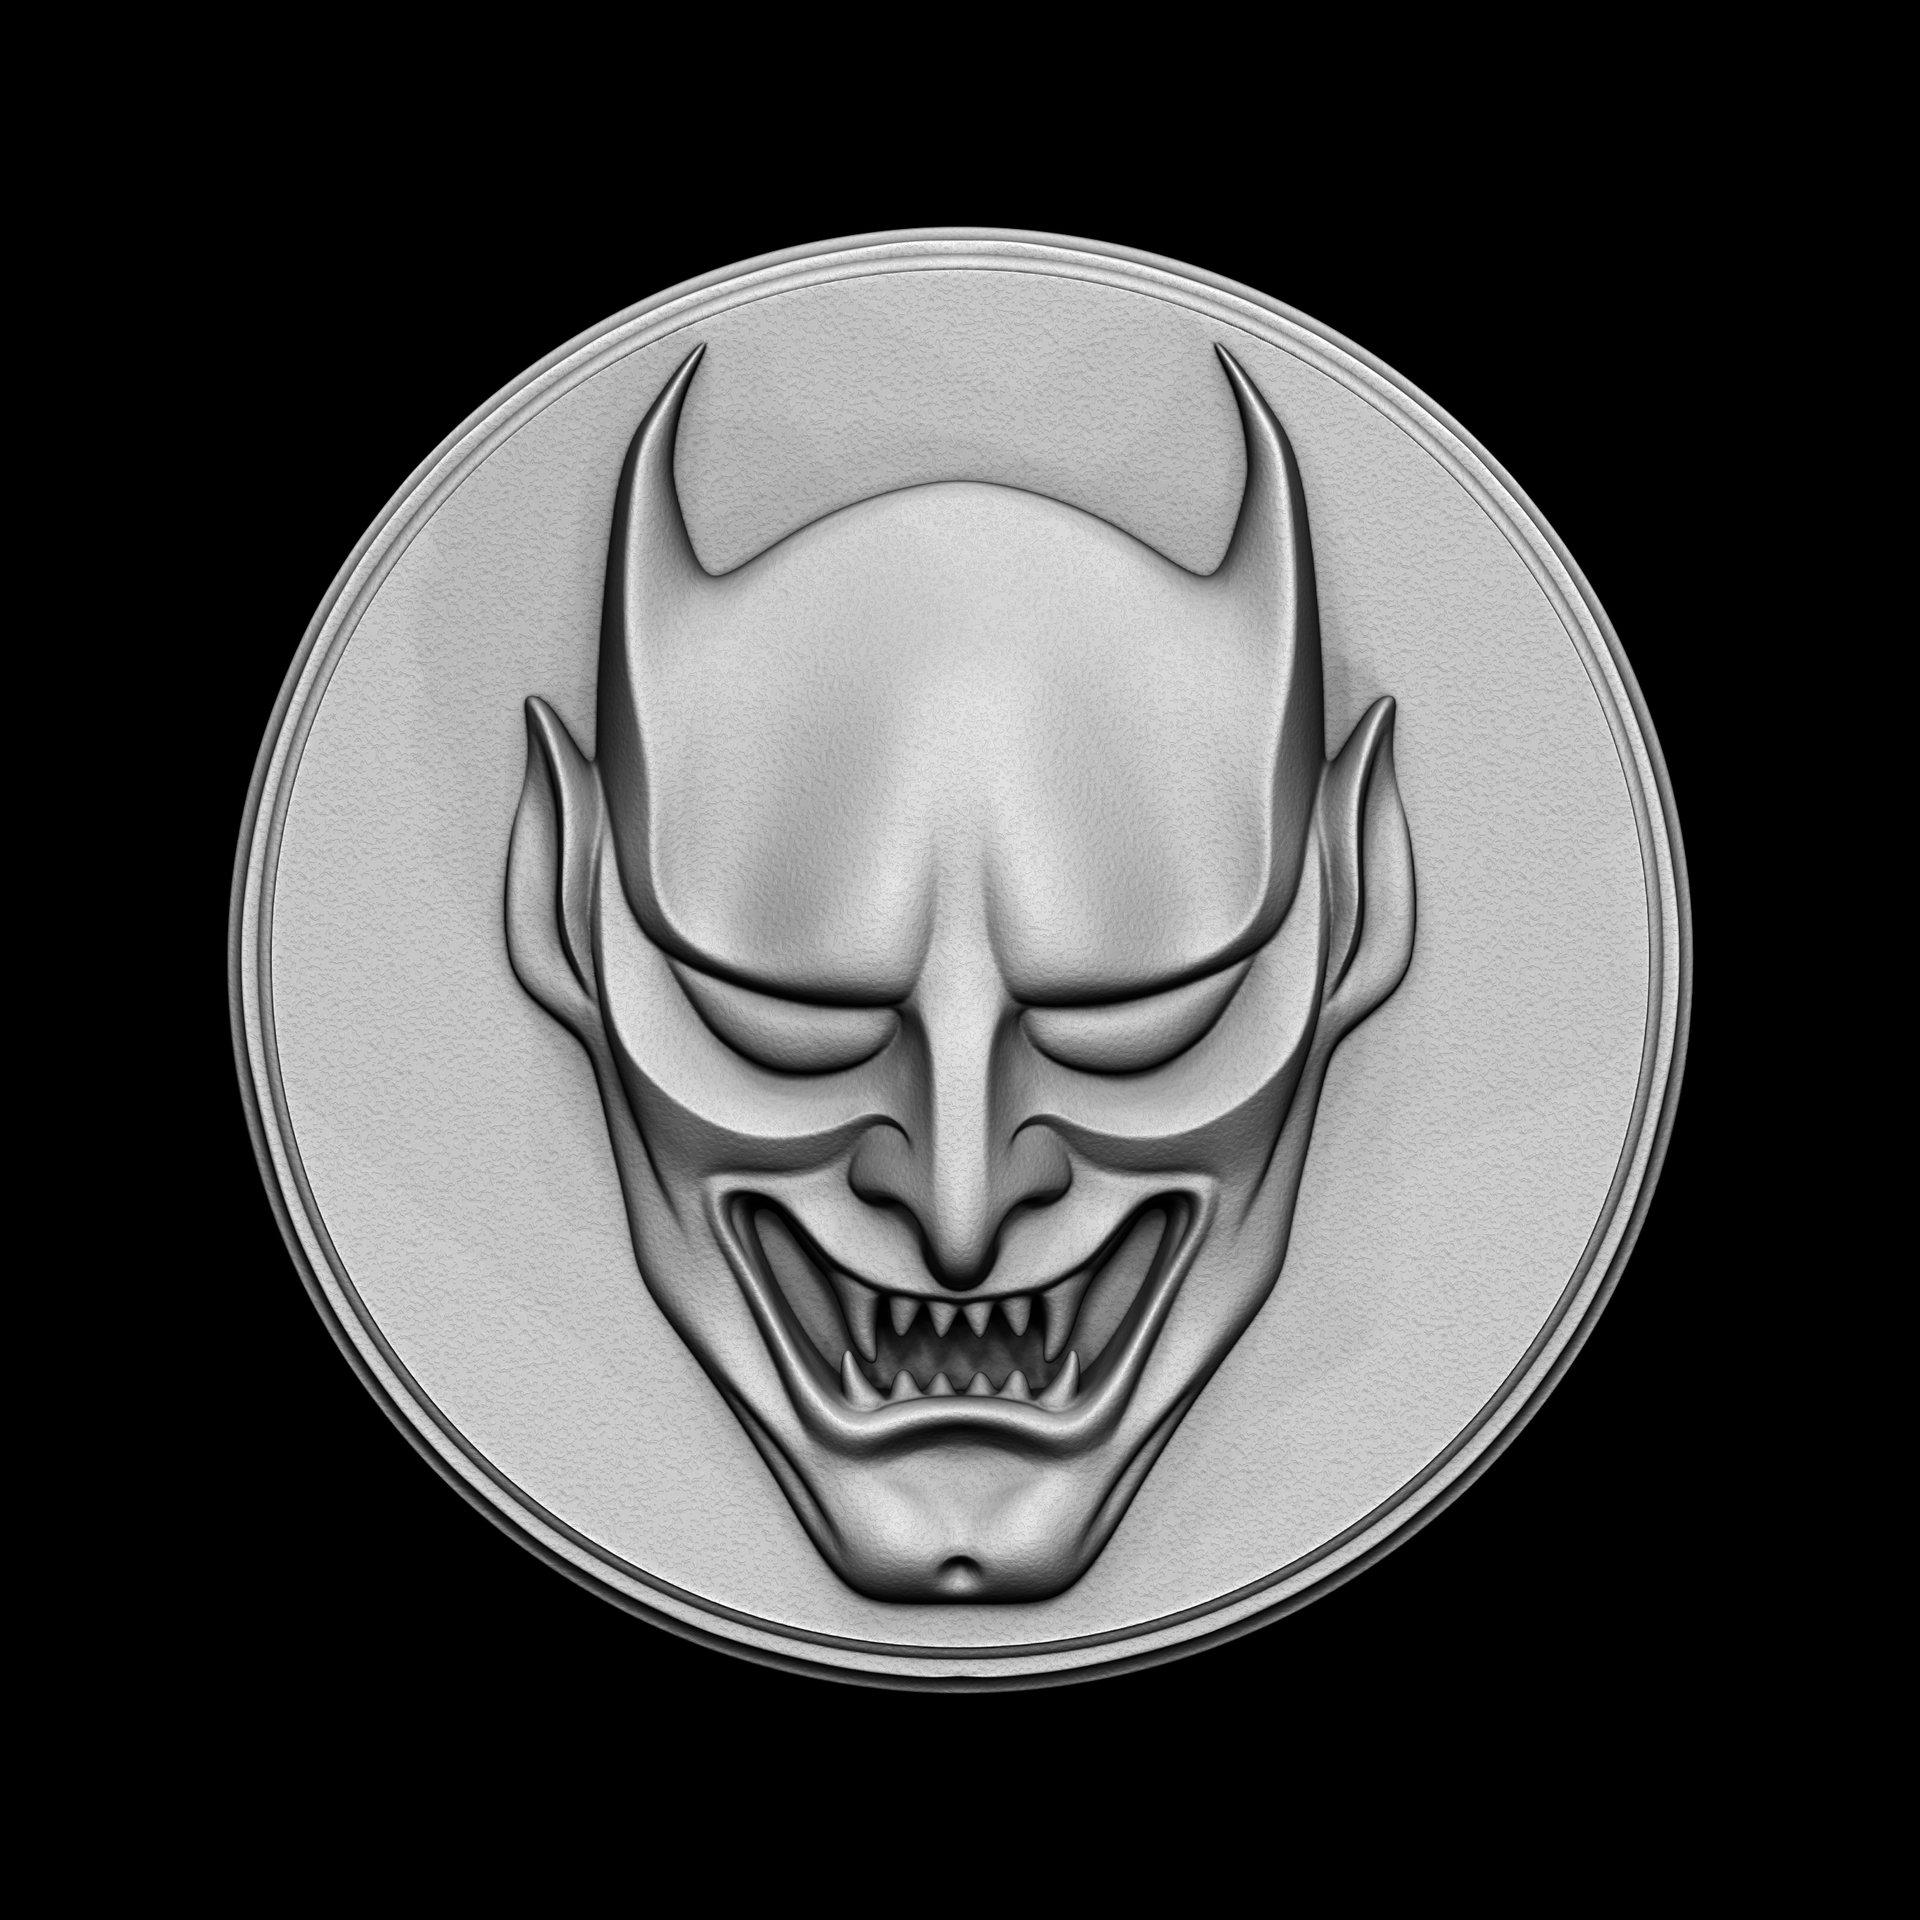 Solomon gaitan kenshi emblem